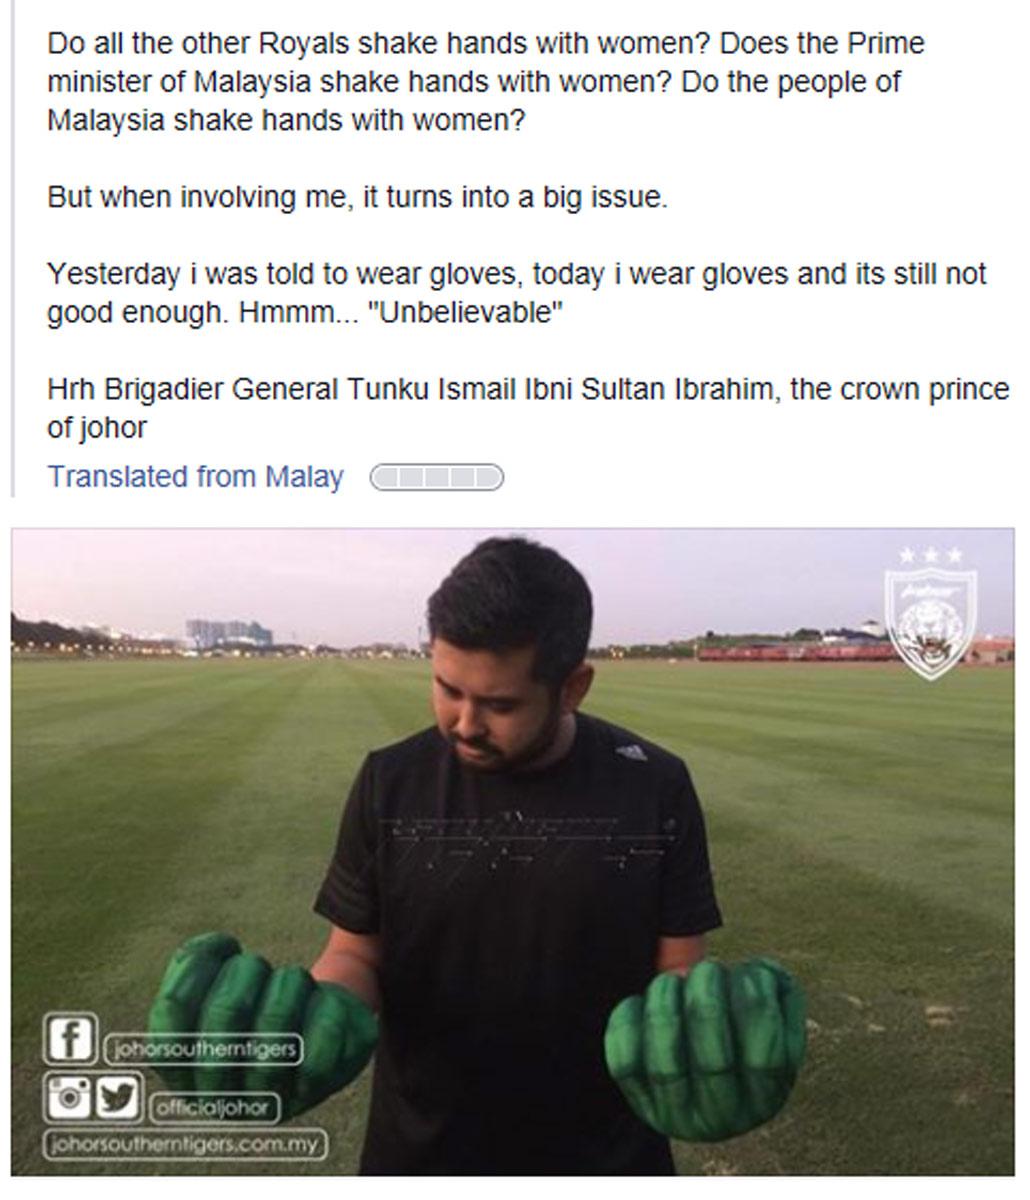 馬來西亞王儲被批評「跟女性握手要戴手套」,他最後感人「變身綠巨人浩克」把強硬派的臉打腫!